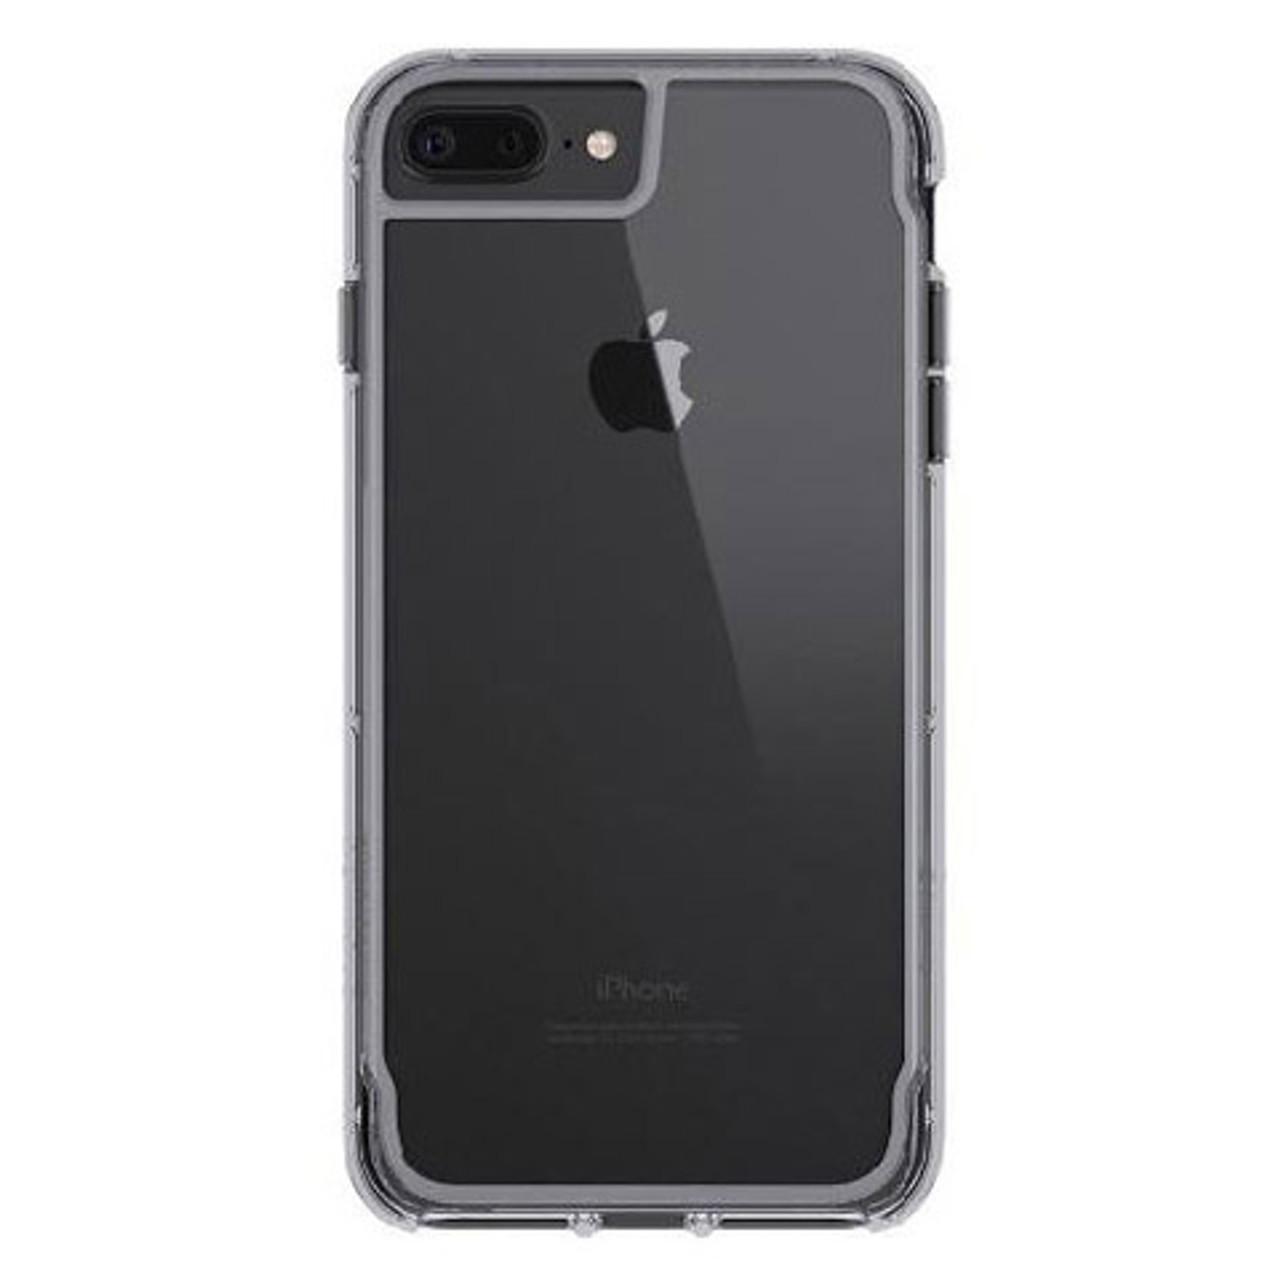 hot sale online 0d85c fe461 Griffin Survivor Clear Case iPhone 7+ Plus - Black/Smoke